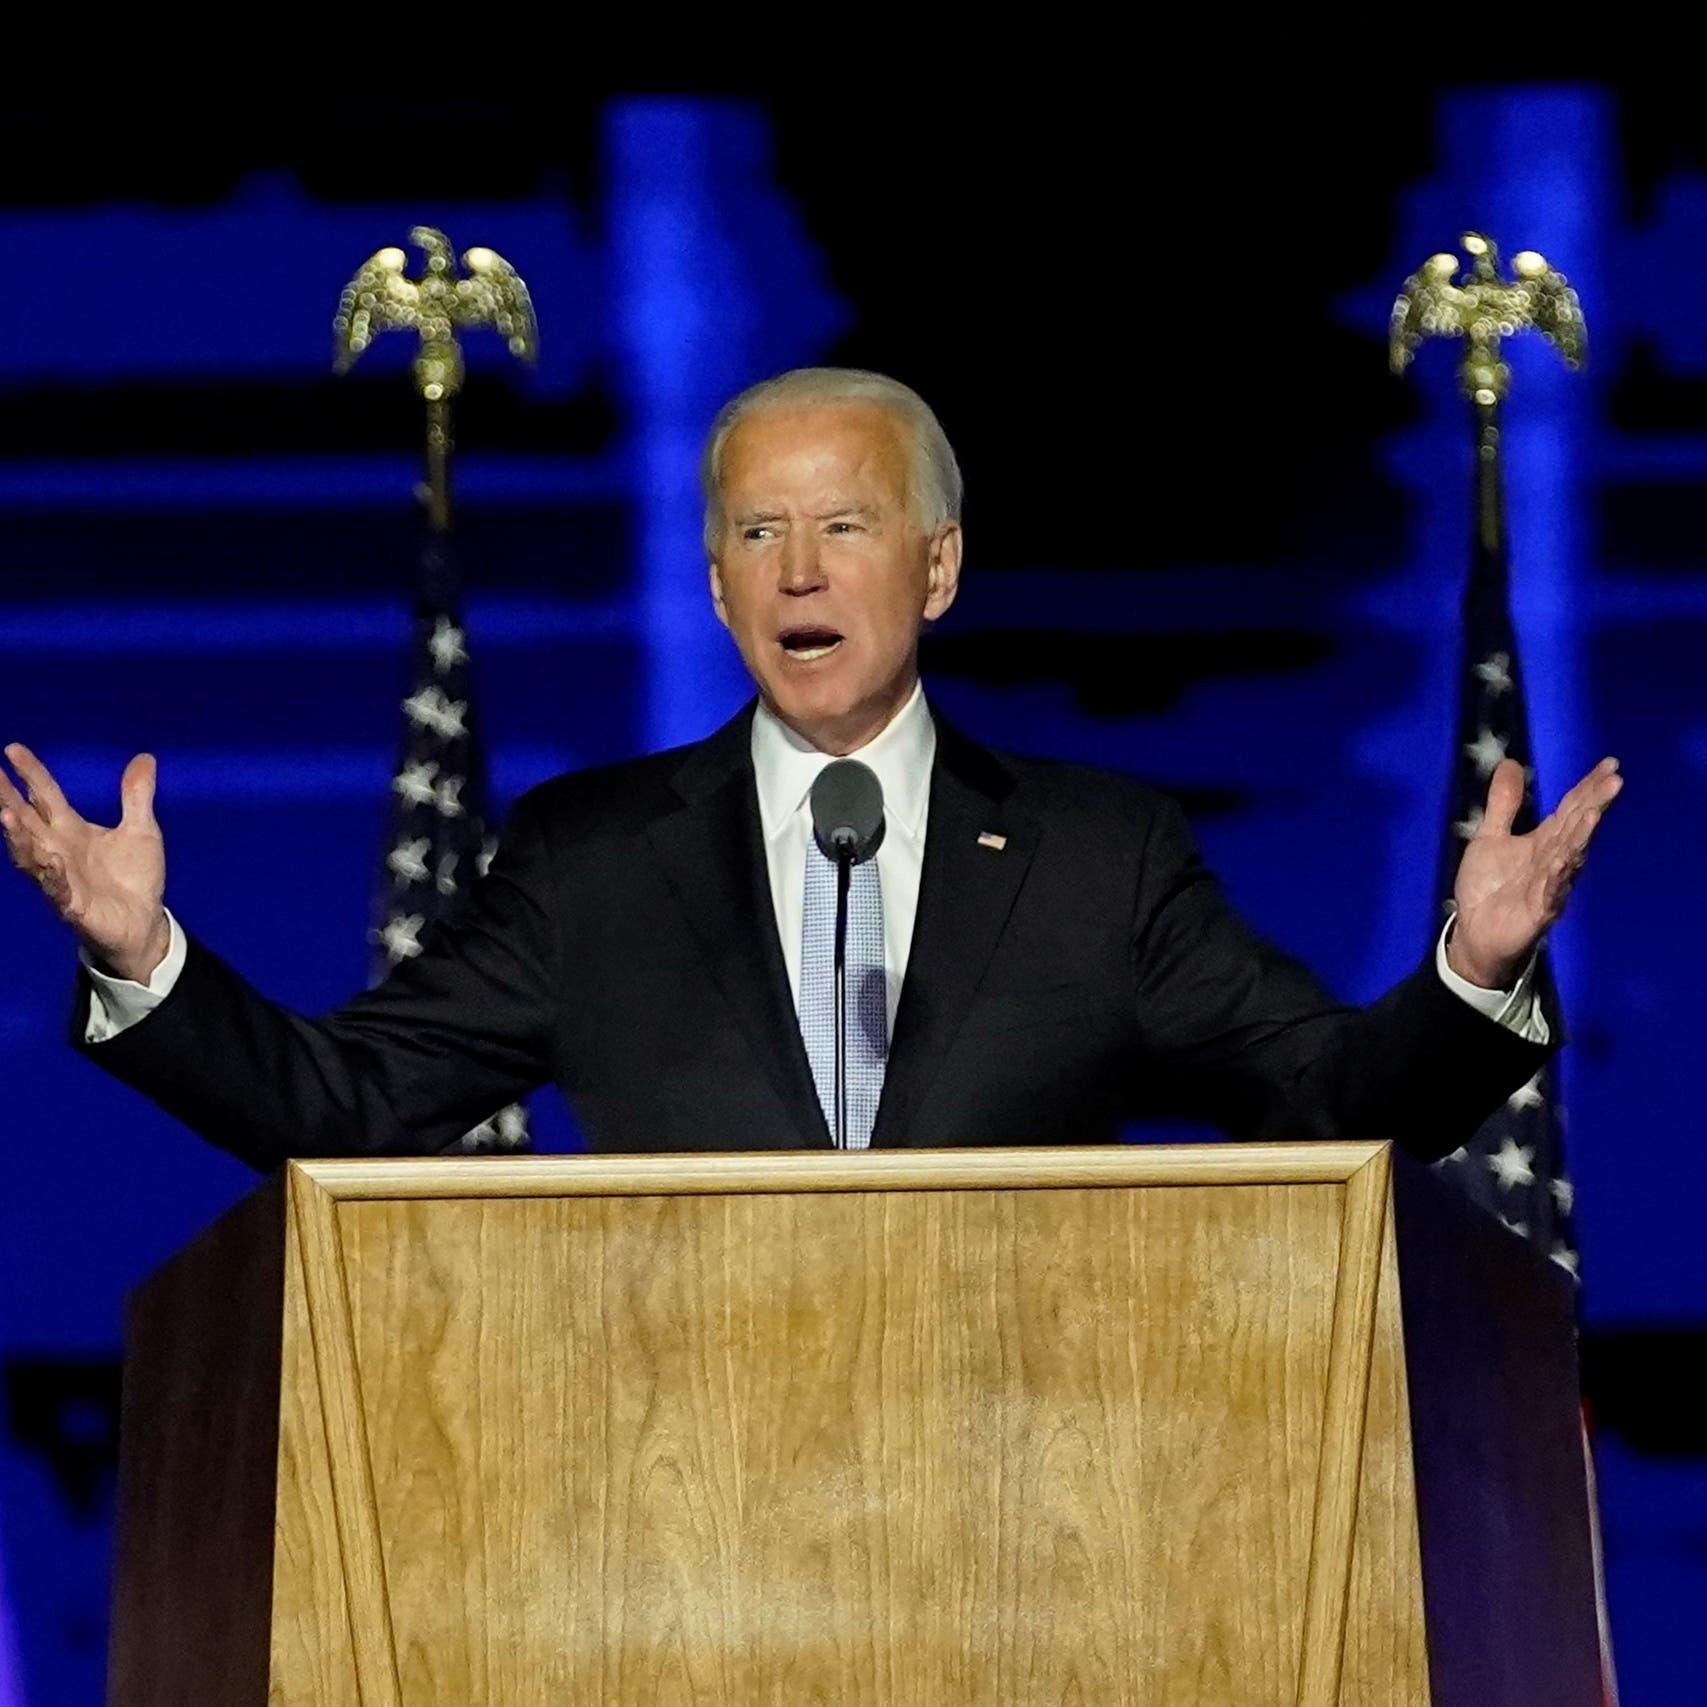 بايدن معلناً النصر: سأكون رئيساً لكل الأميركيين